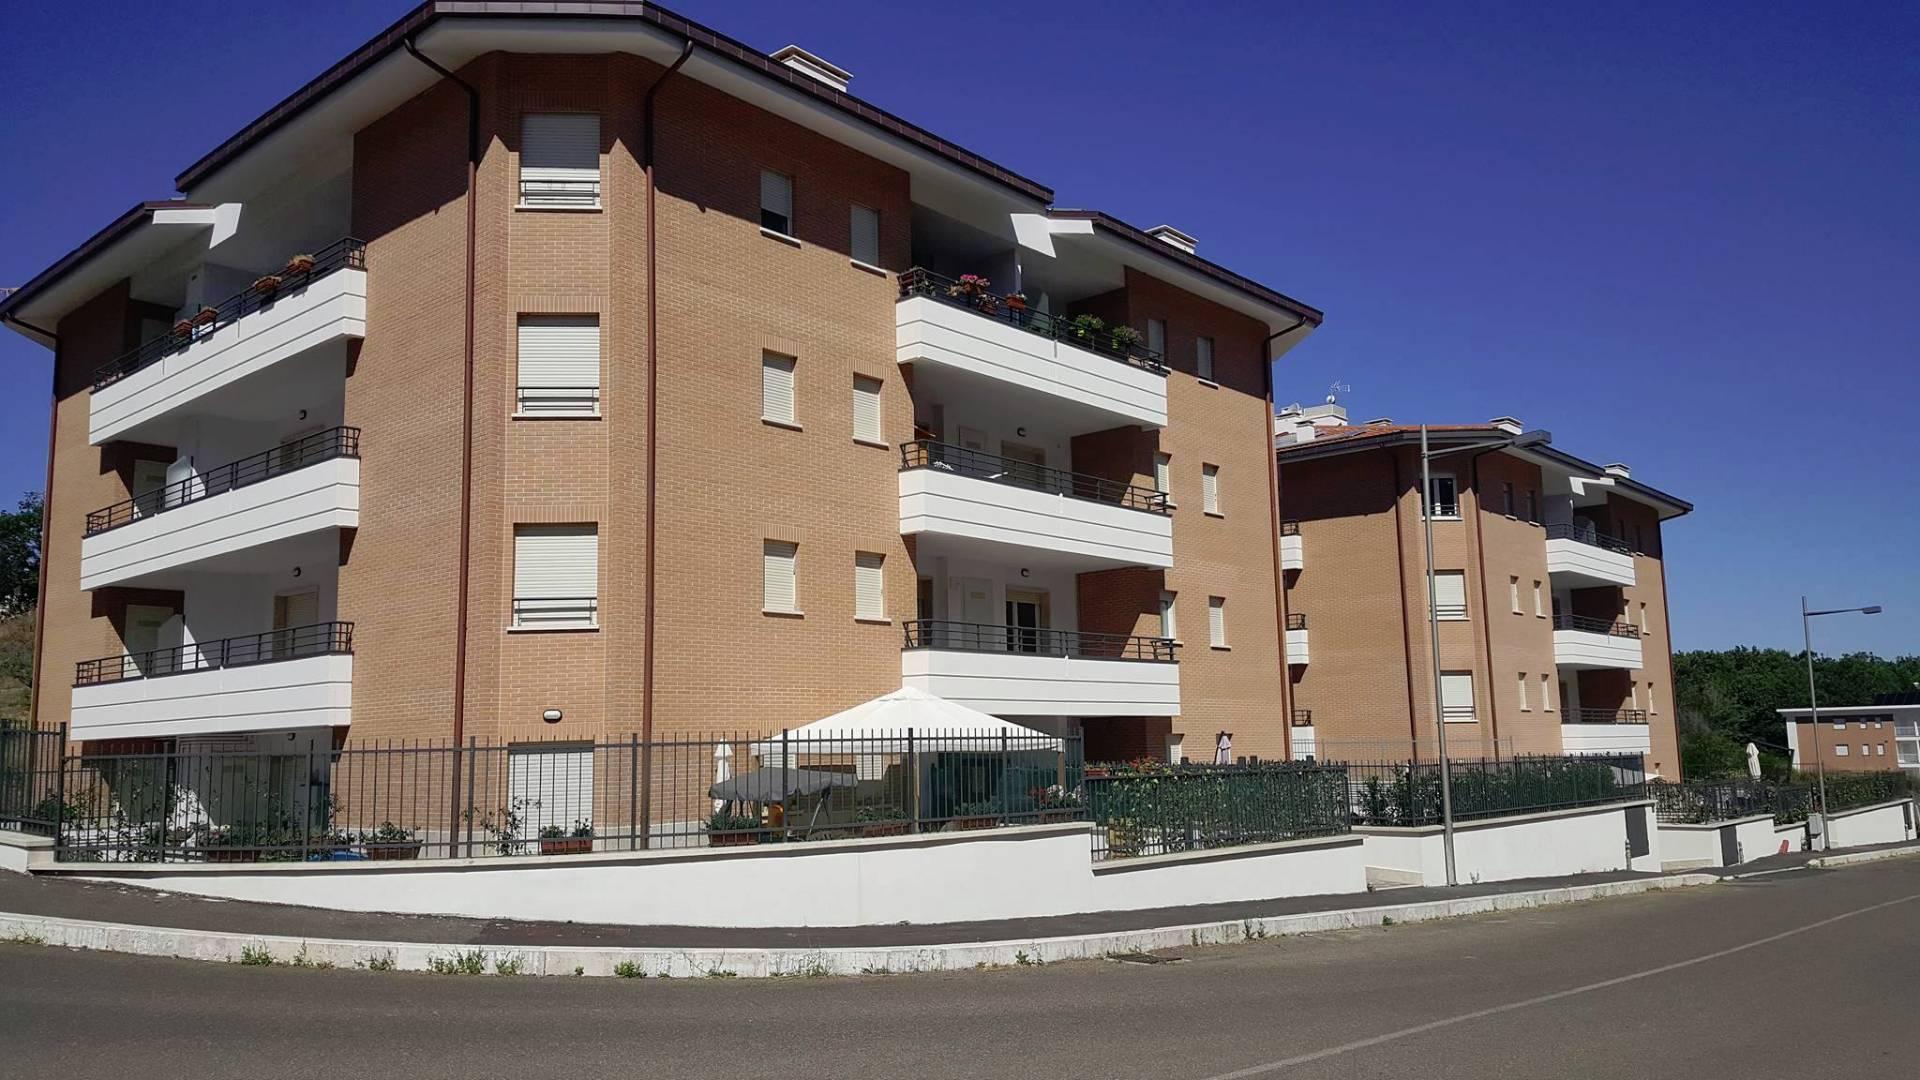 Appartamento in vendita a Viterbo, 3 locali, zona Località: LaQuercia, prezzo € 140.000 | CambioCasa.it